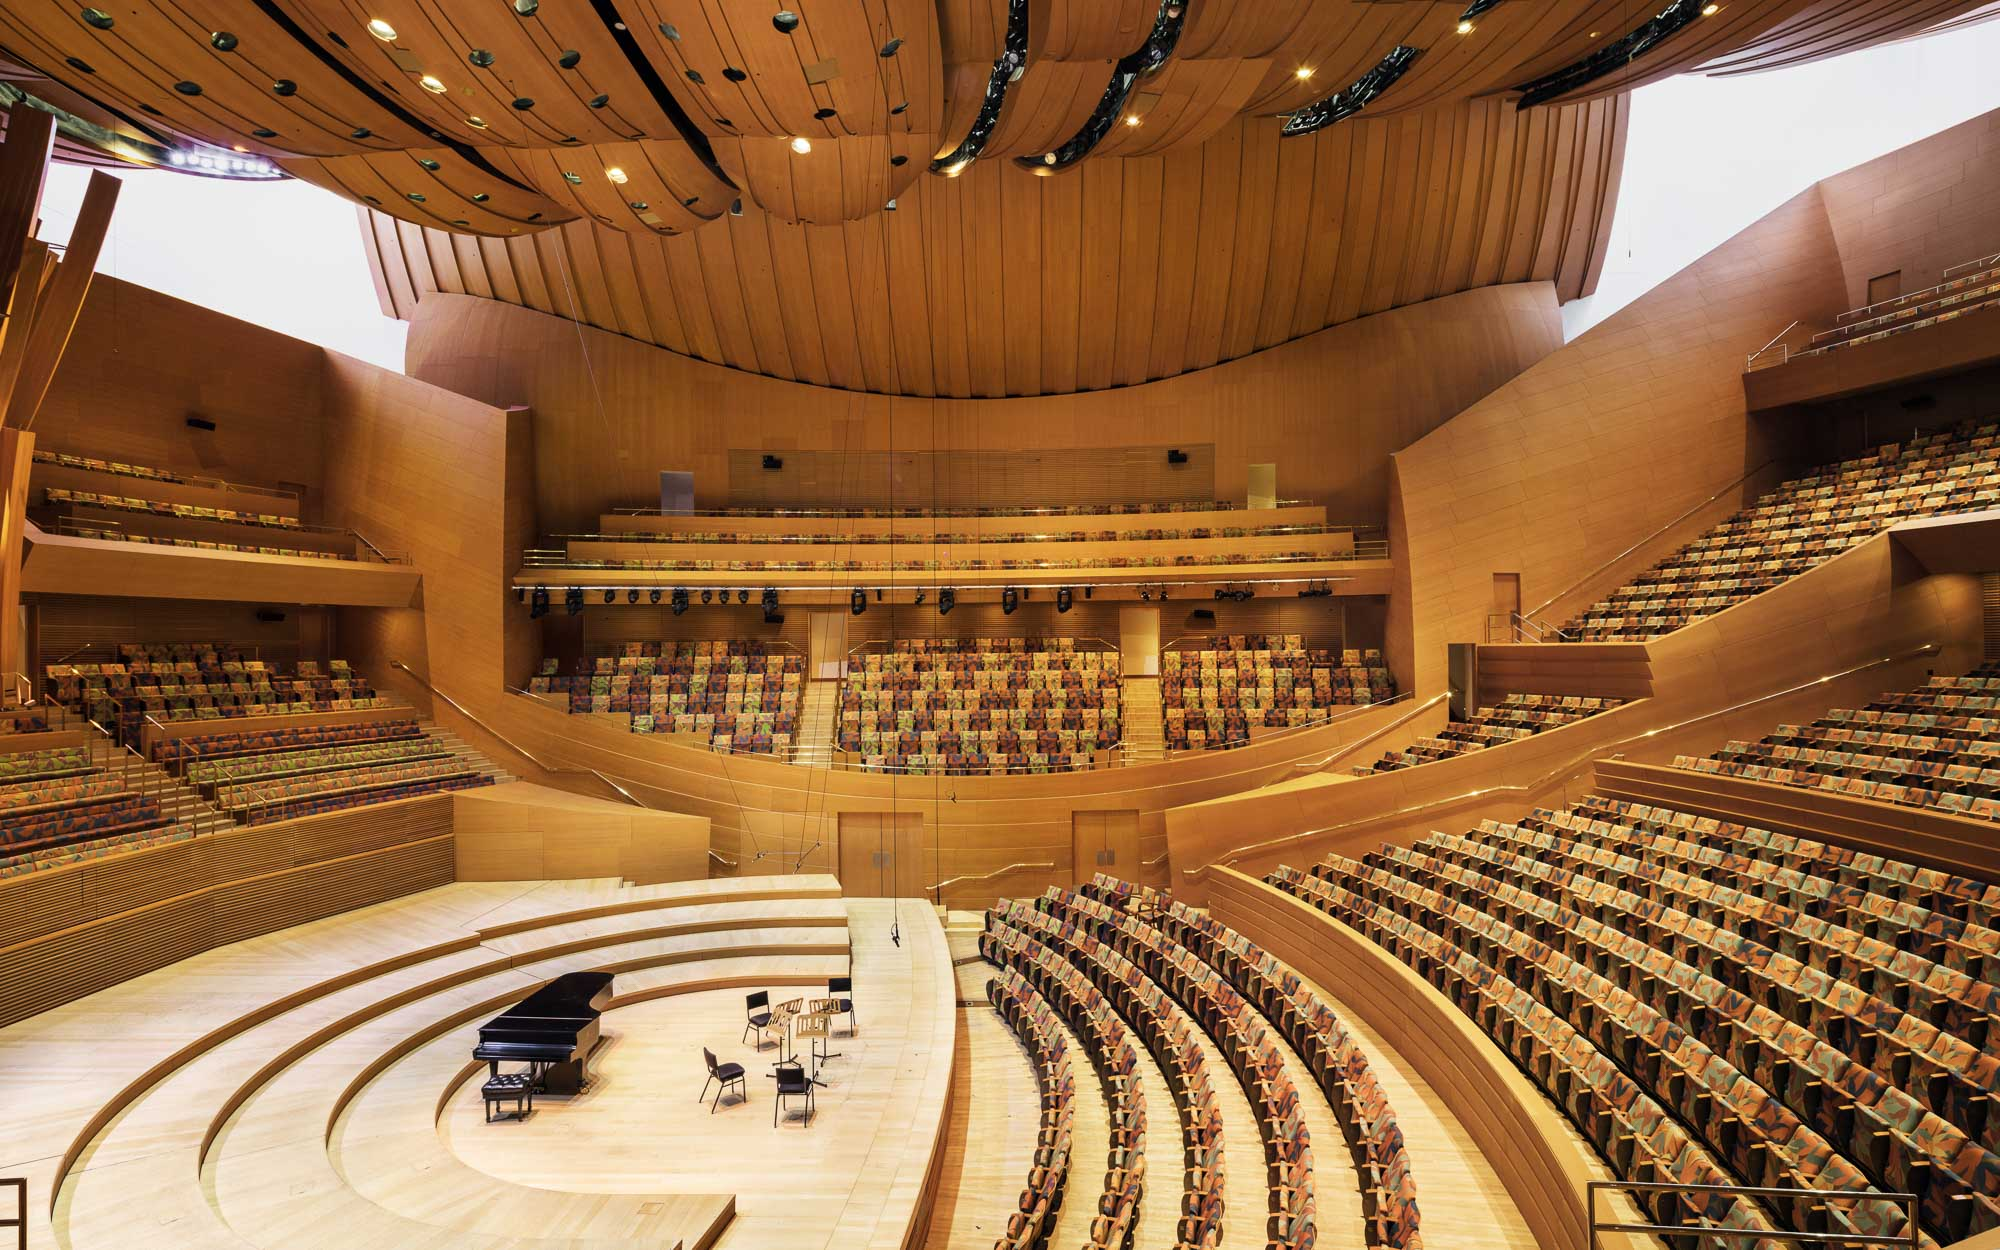 walt-disney-concert-hall-mike-kelley-4.jpg